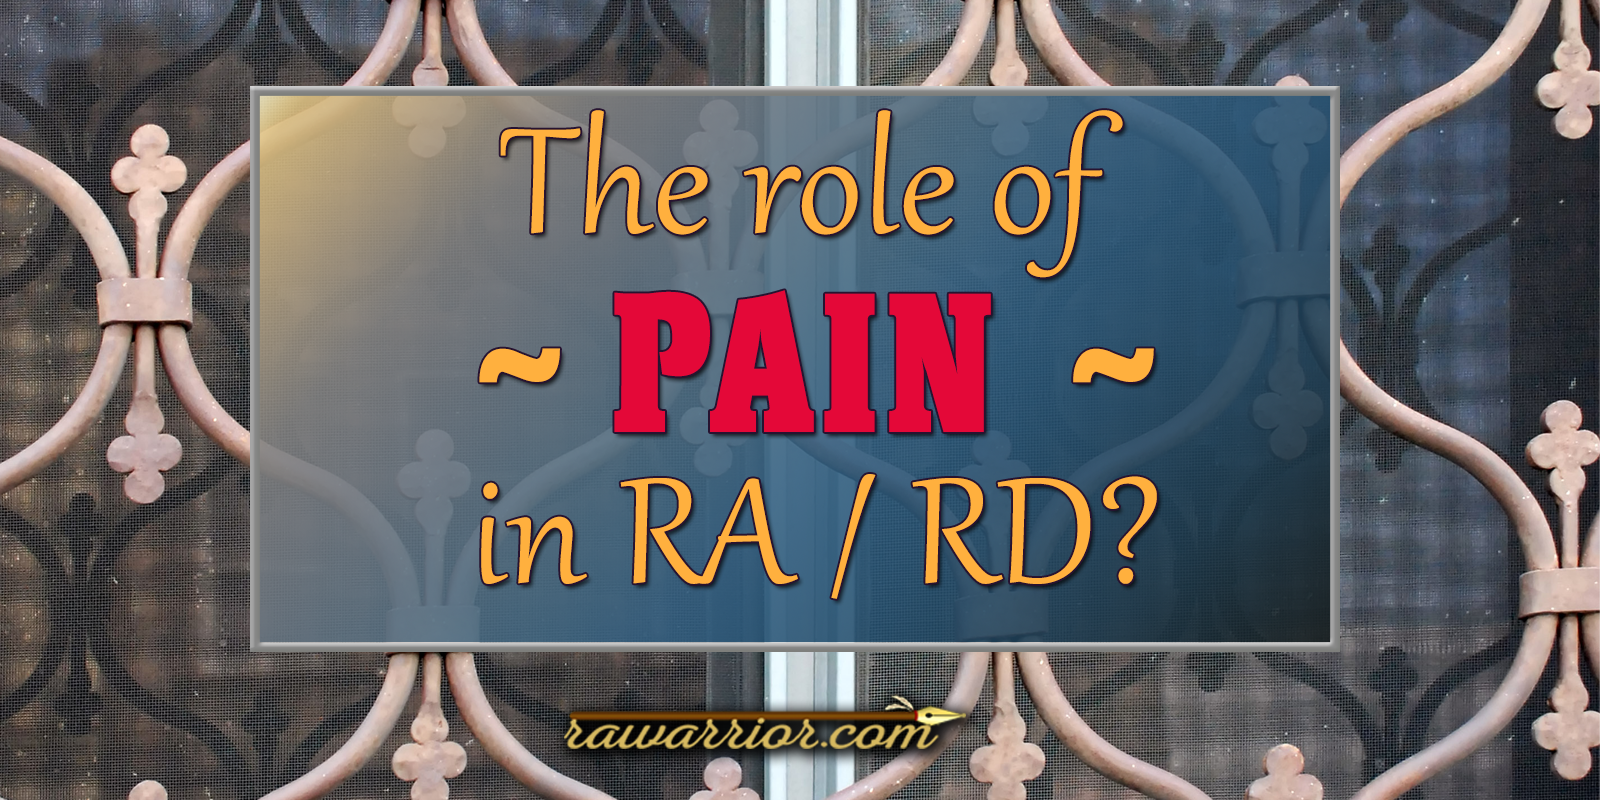 The Role of Pain in Rheumatoid Arthritis